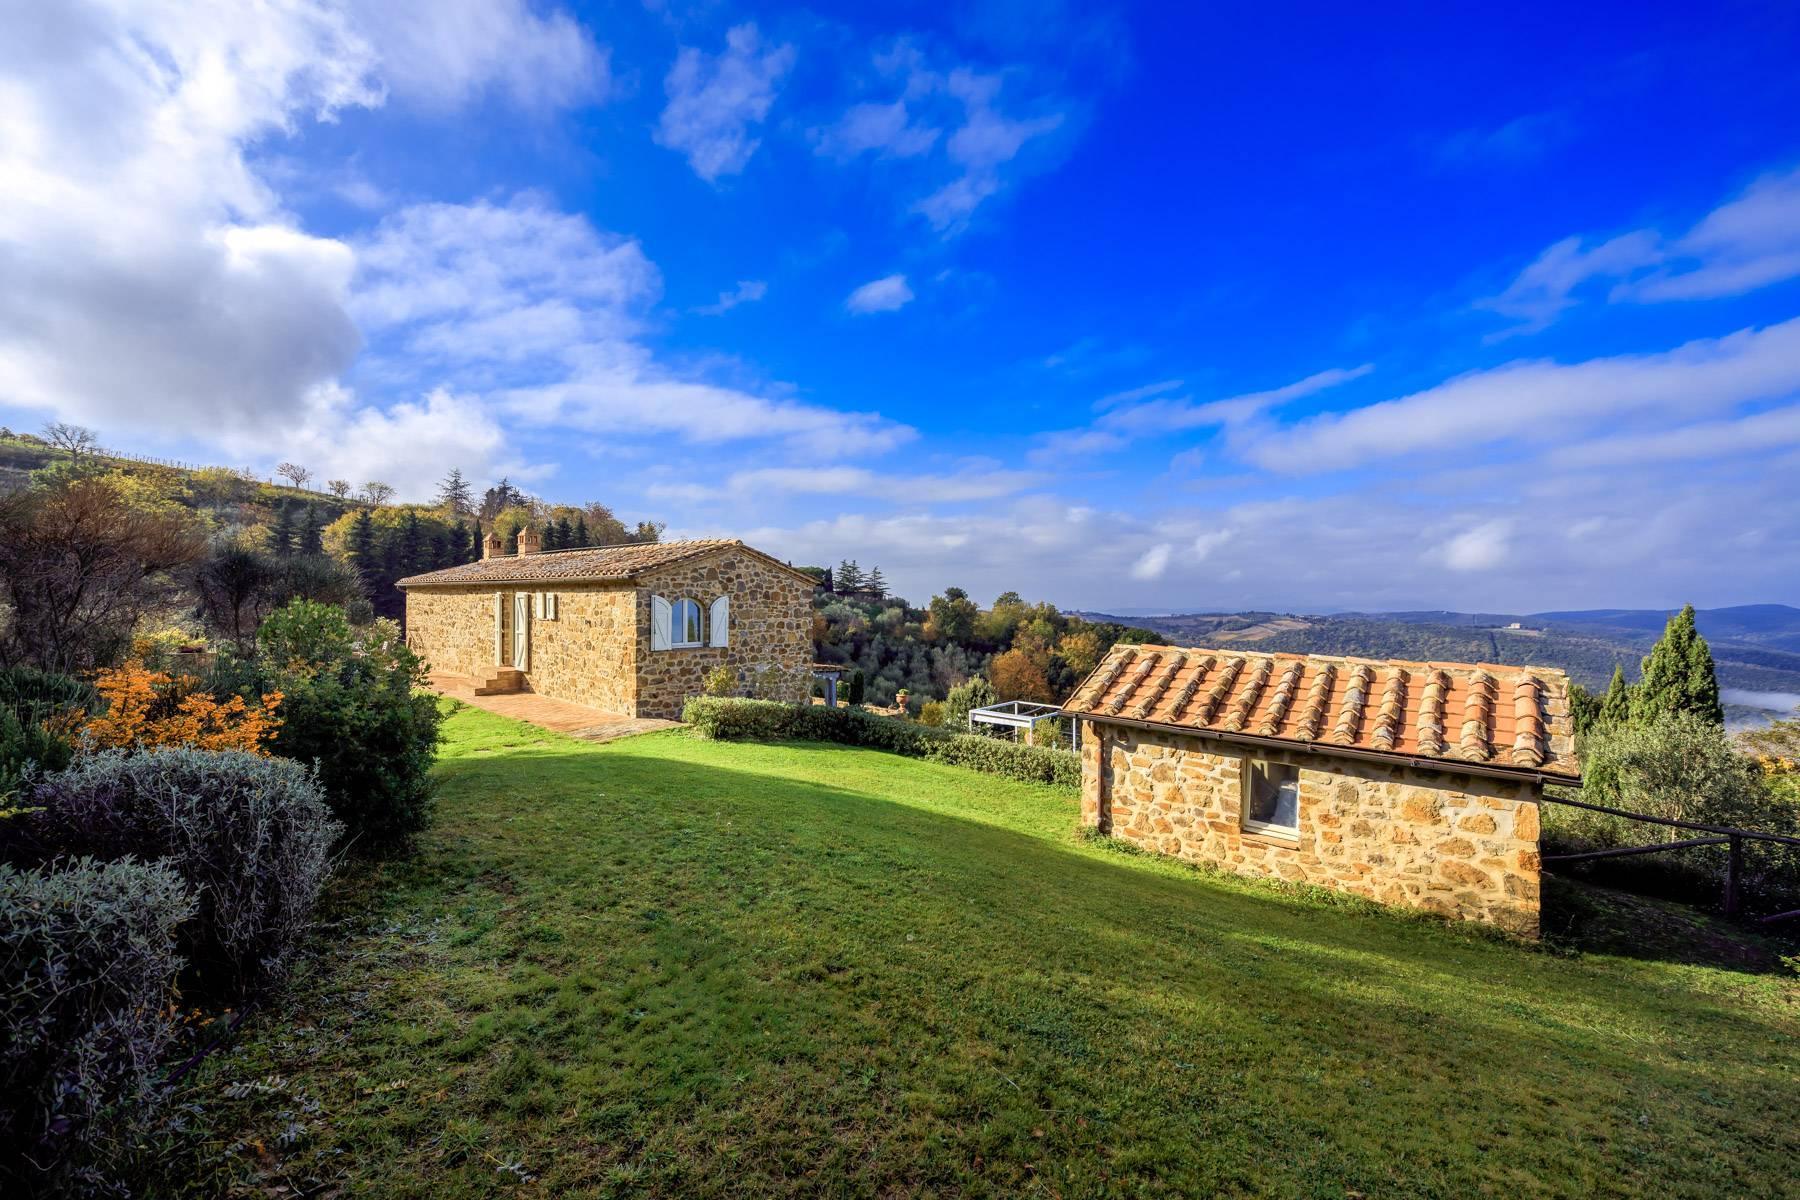 Wunderschönes restauriertes Bauernhaus in der Nähe von Montalcino - 5